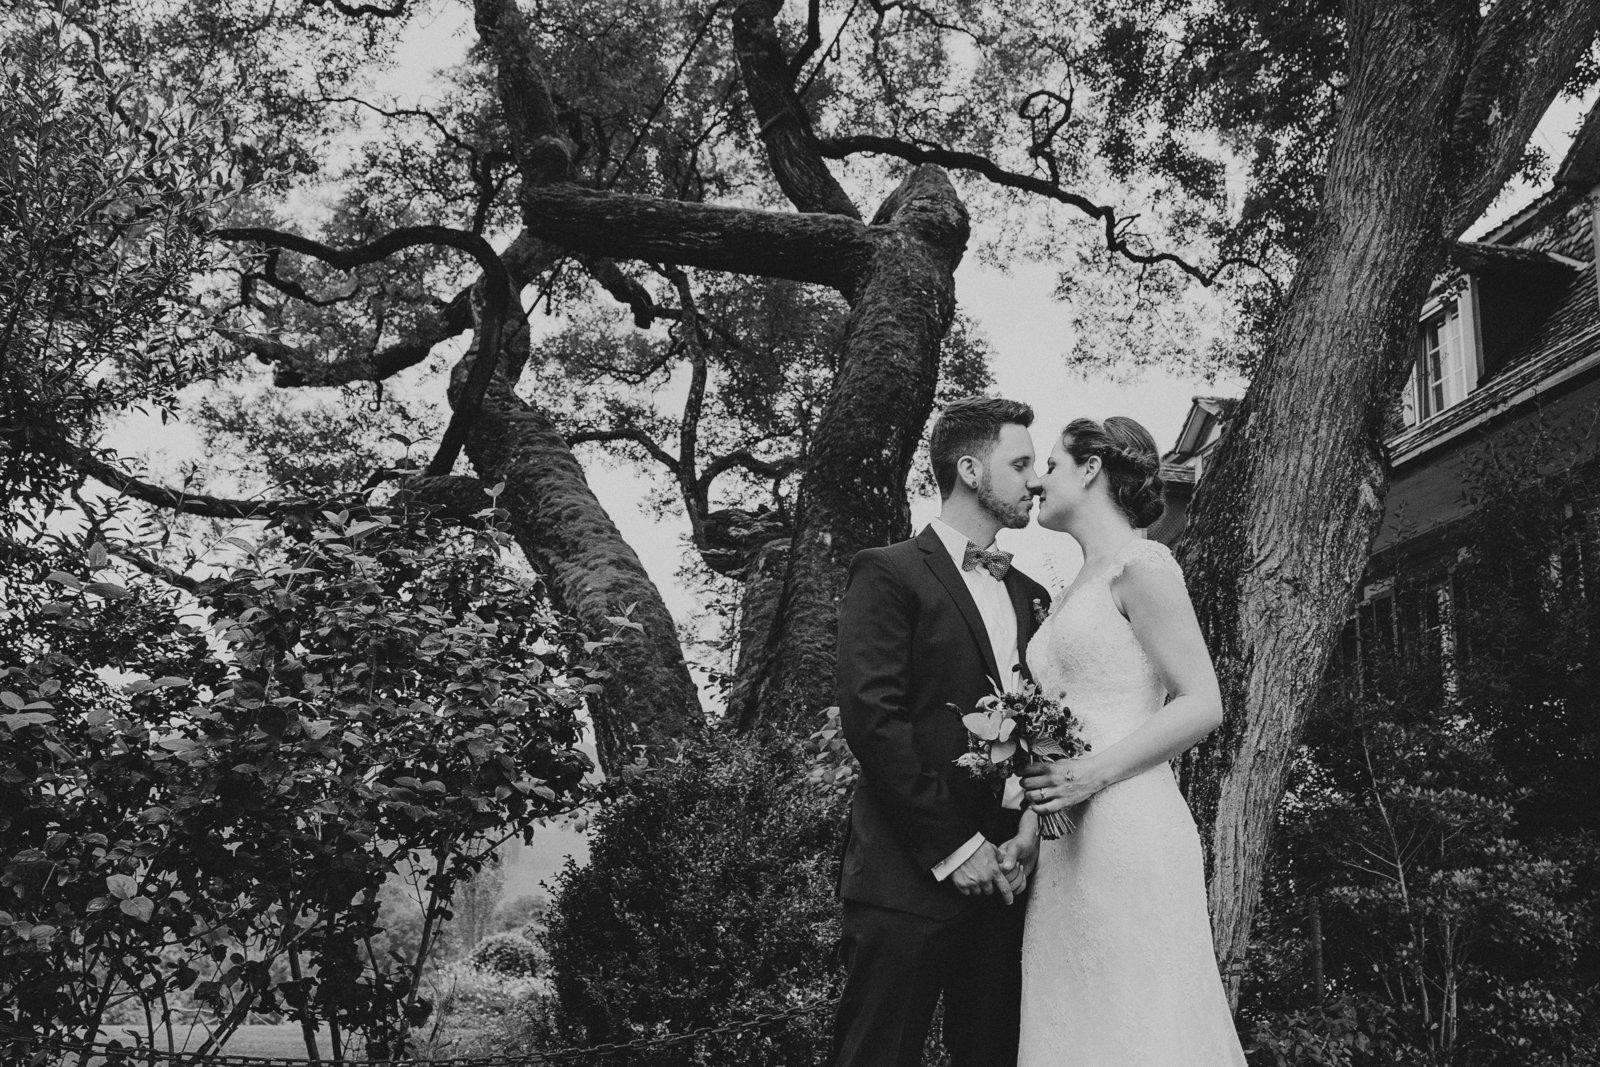 108_jlp_wedding_20160820_sara&nicolas_highlights